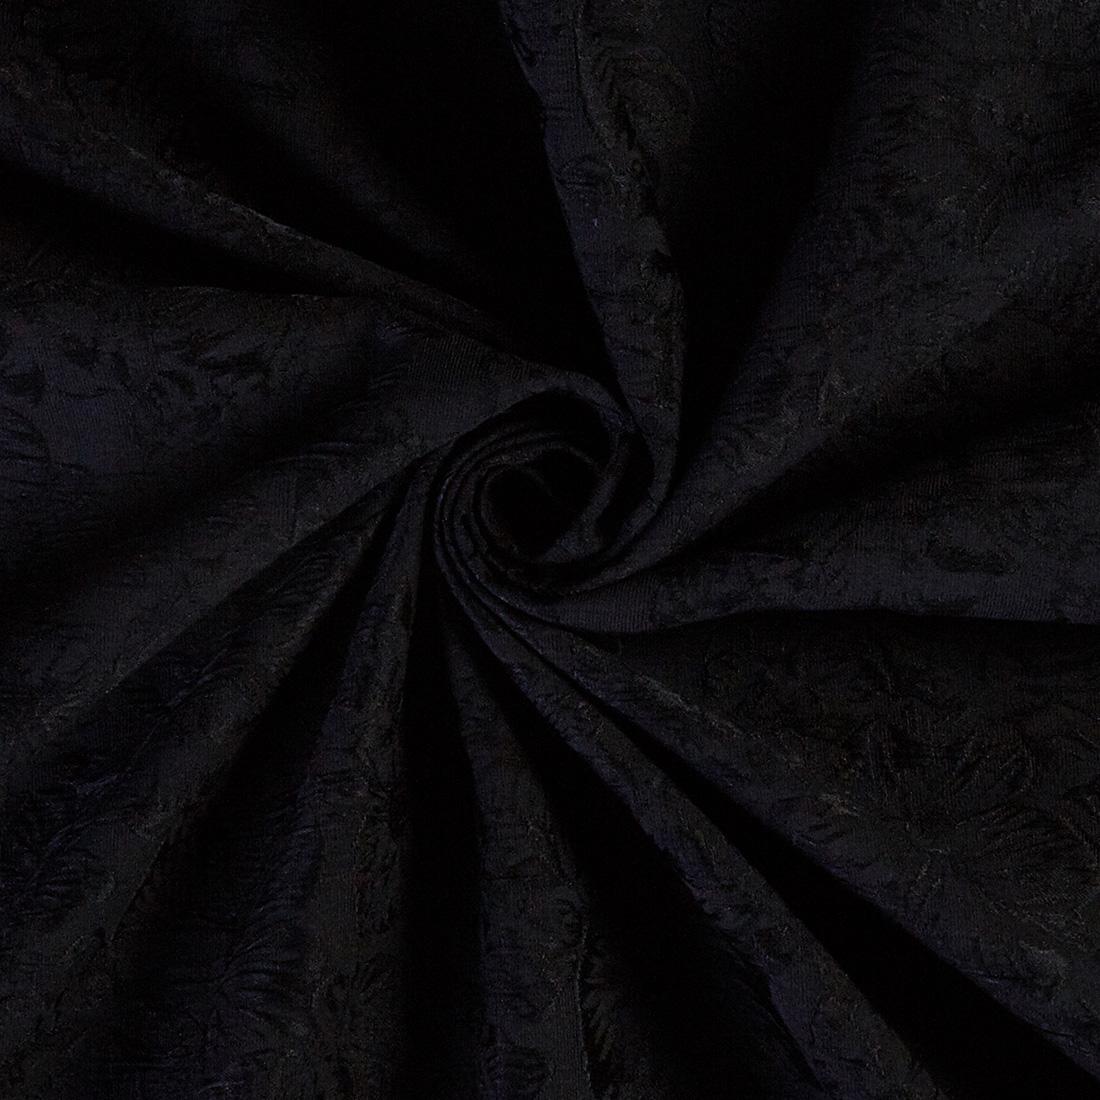 Cosmos Black                                02